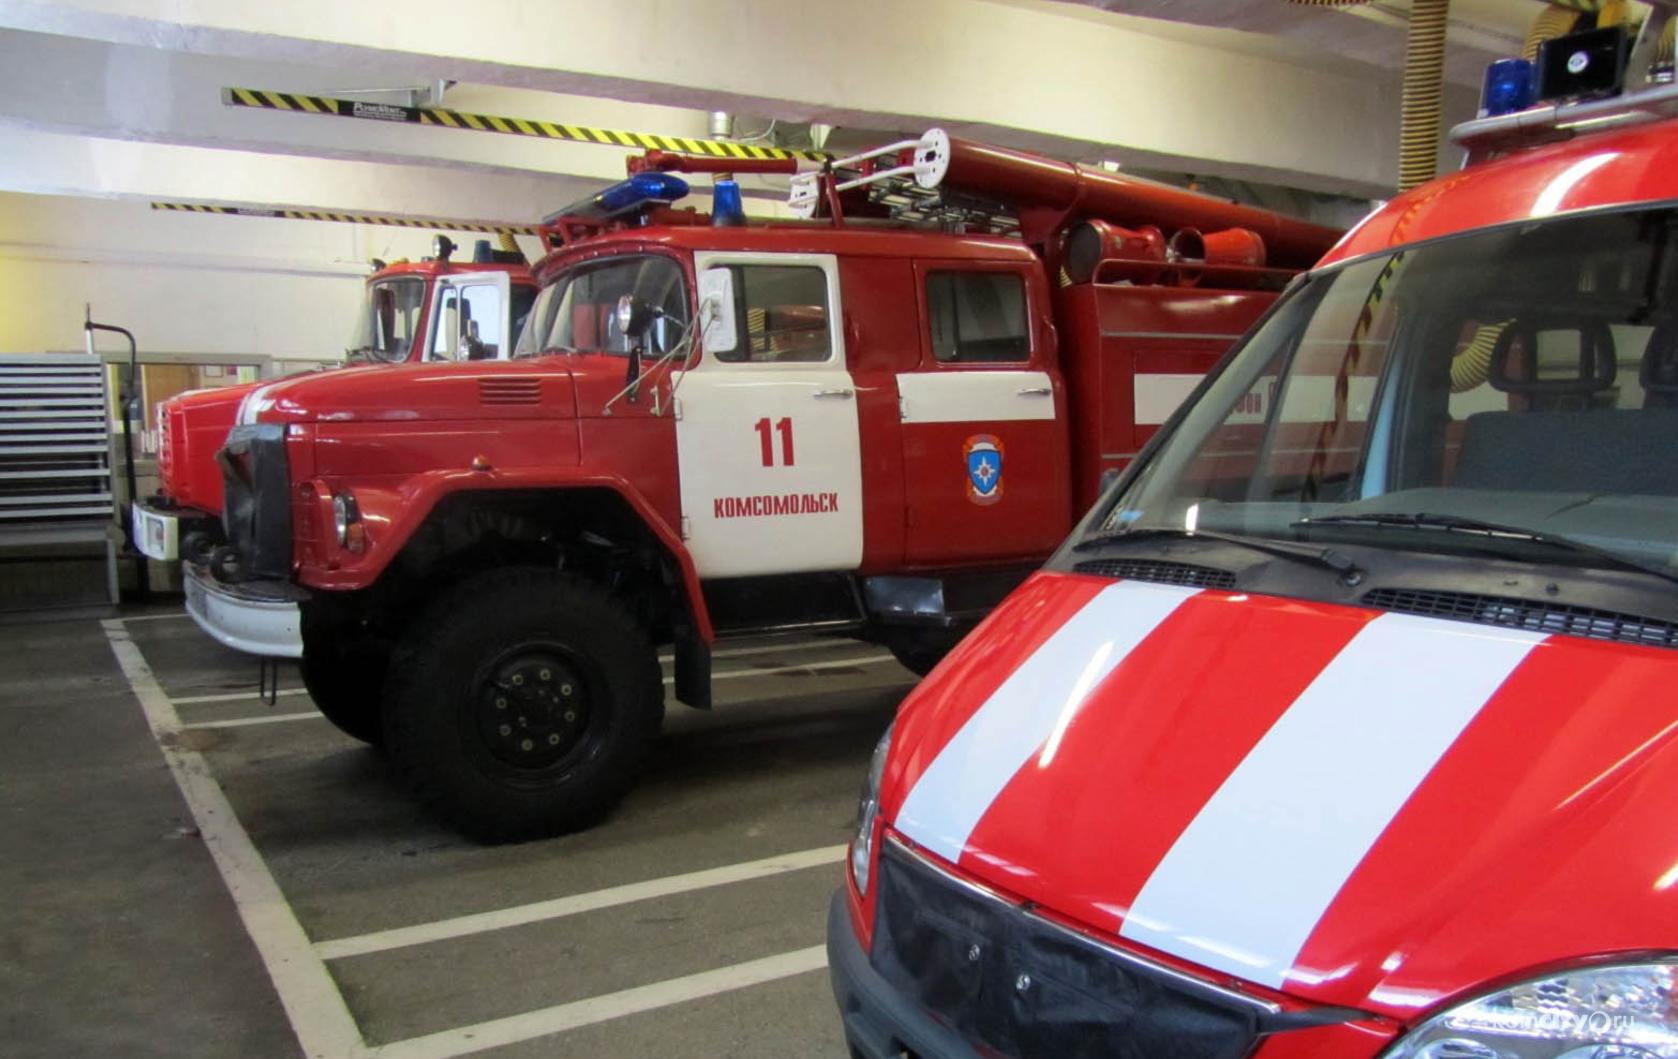 Пожарно-спасательной академии, подготовка, сентябрь, мчс, образование, специалист, обучение, институт, состав